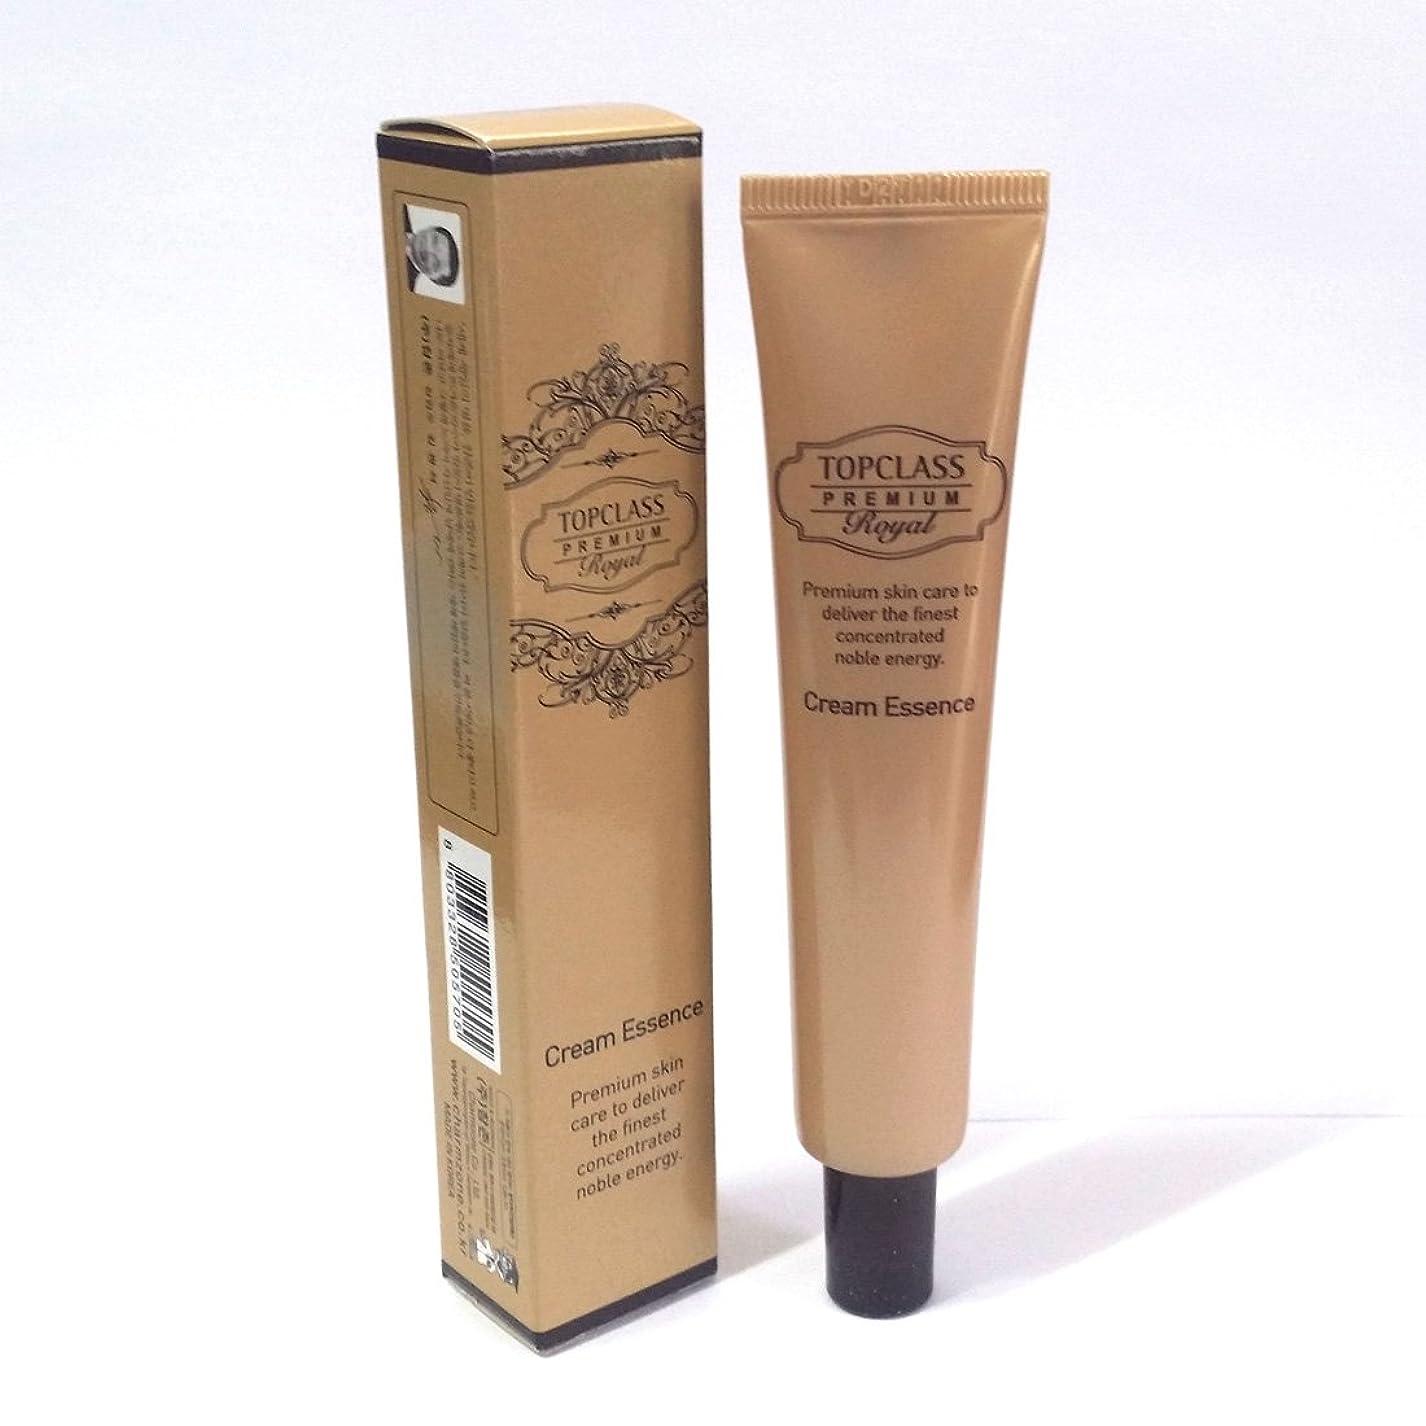 差別的団結するレンディション[TOPCLASS] プレミアムロイヤルクリームエッセンス30ml /Premium Royal Cream Essence 30ml/レジリエント&モイスチャー&スージング/韓国の化粧品 / Resilient & Moist & Soothing/ Korean Cosmetics (6EA) [並行輸入品]